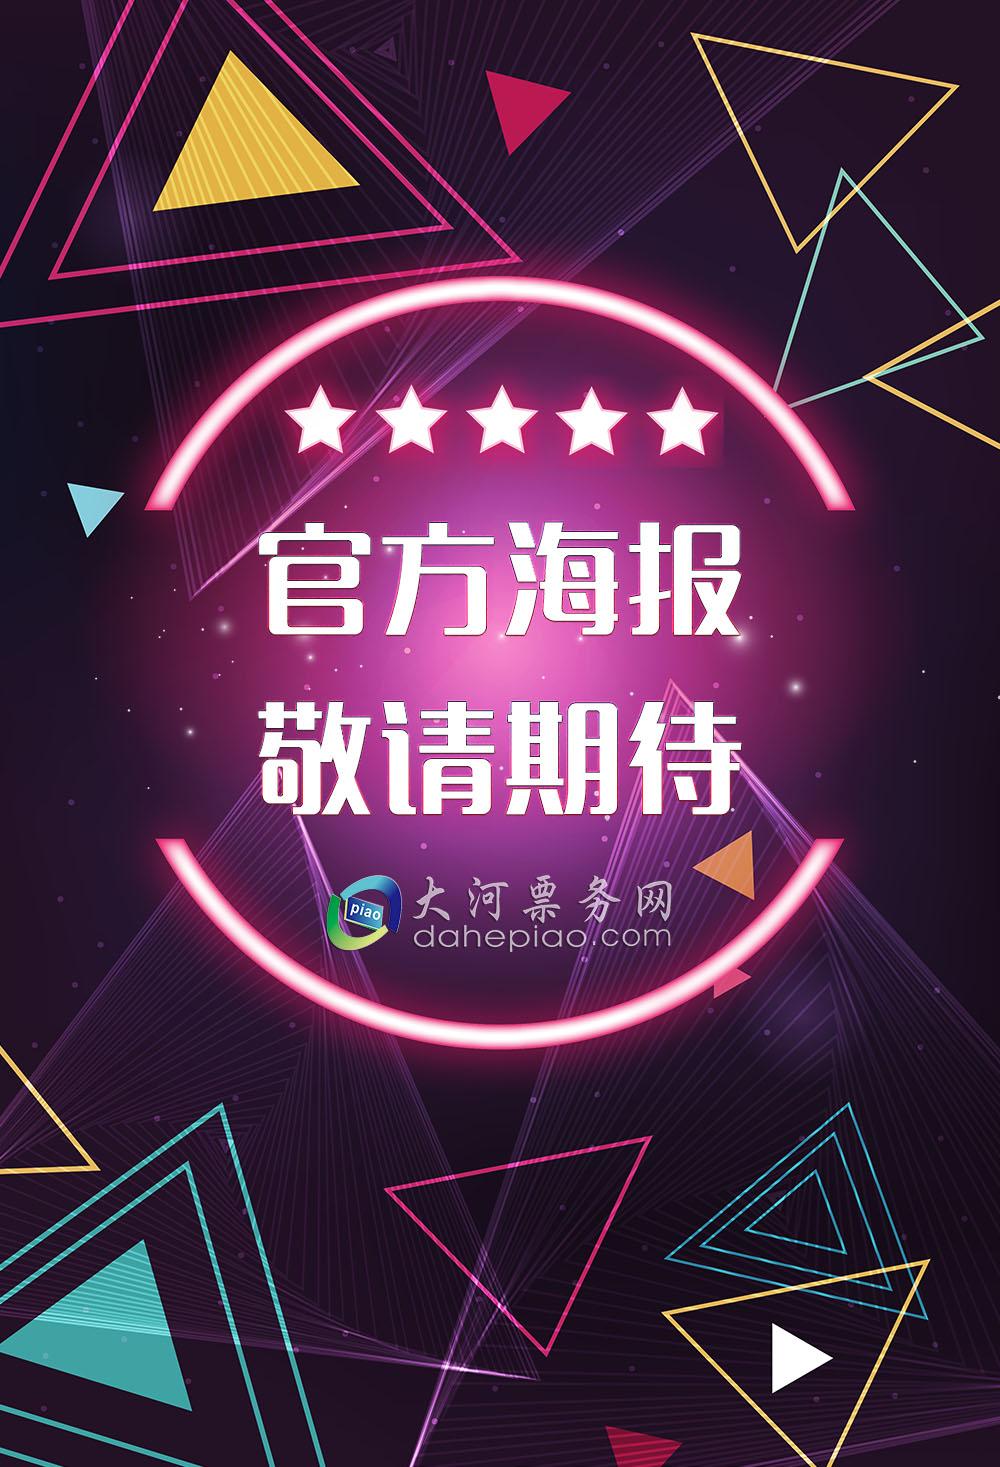 丁当上海演唱会